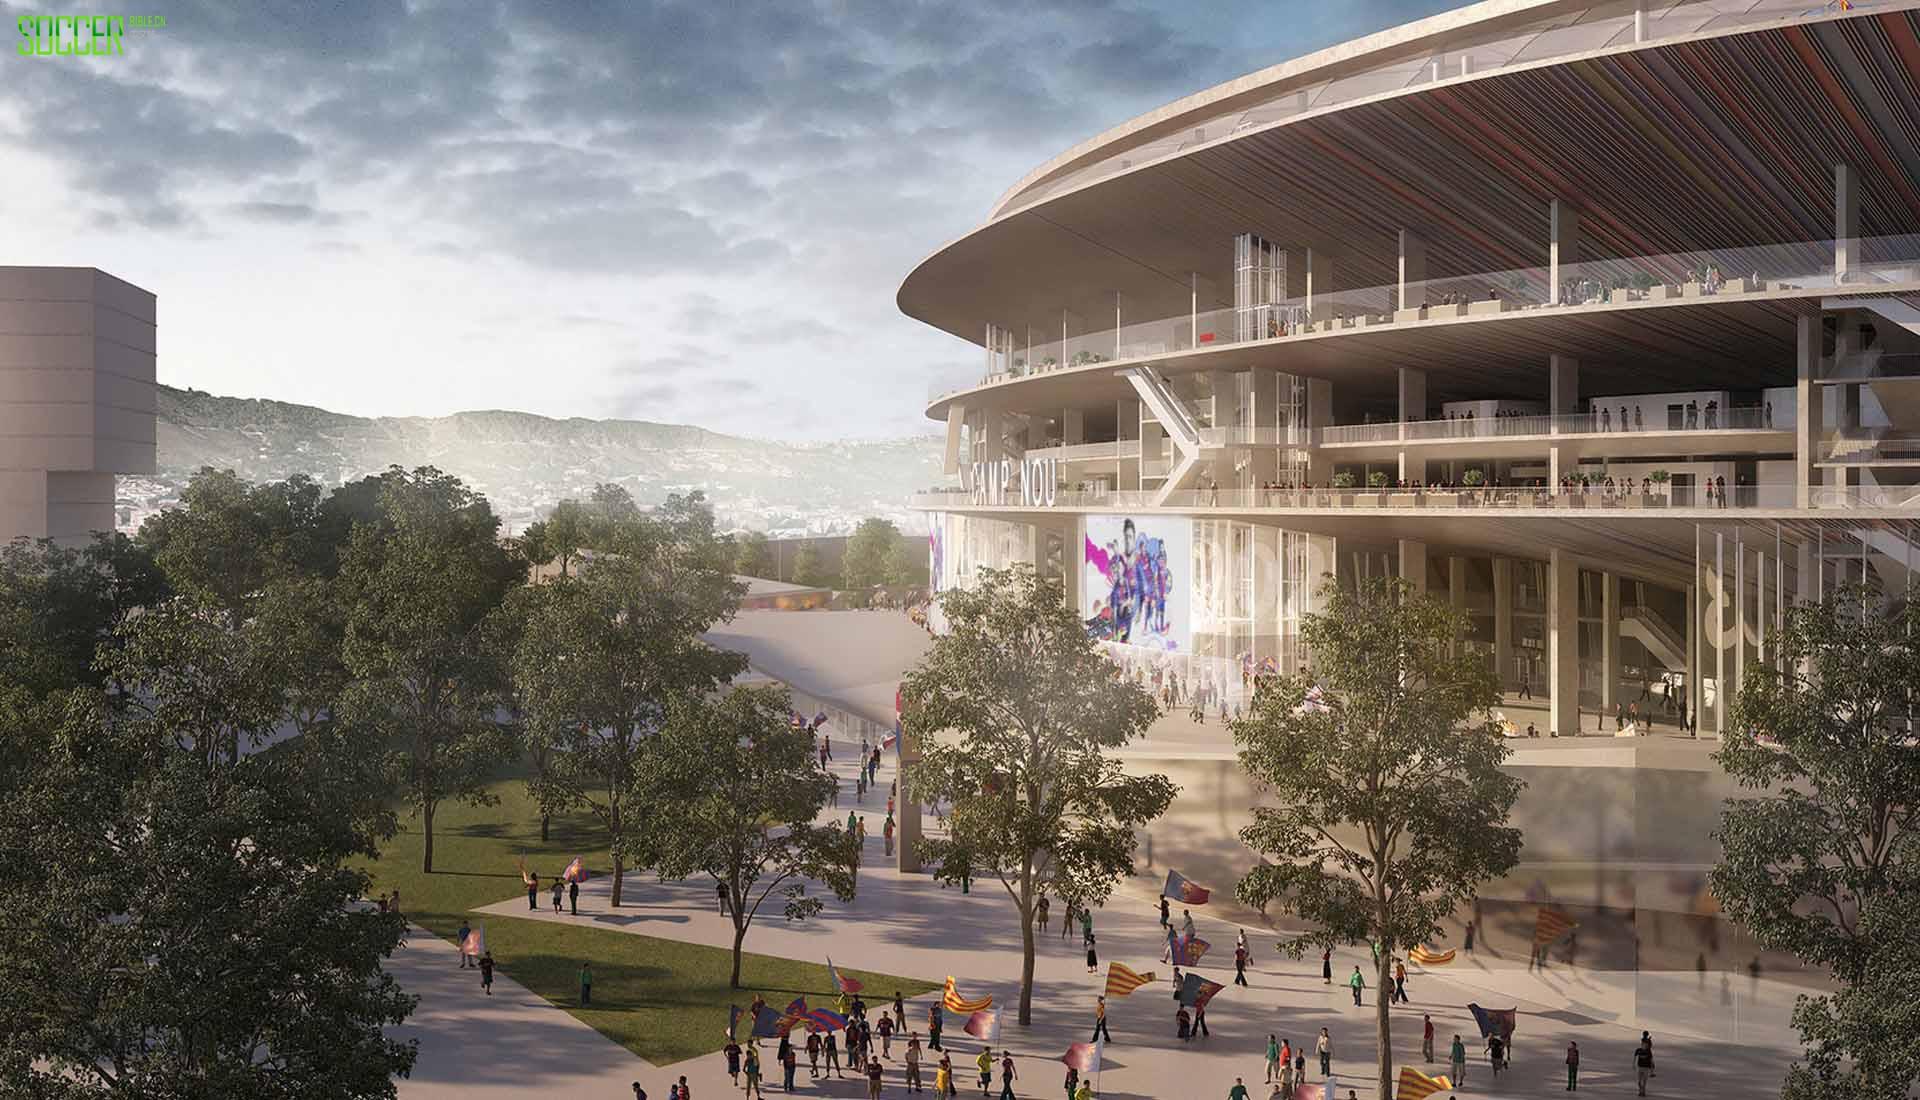 巴塞罗那公布诺坎普球场扩建照片